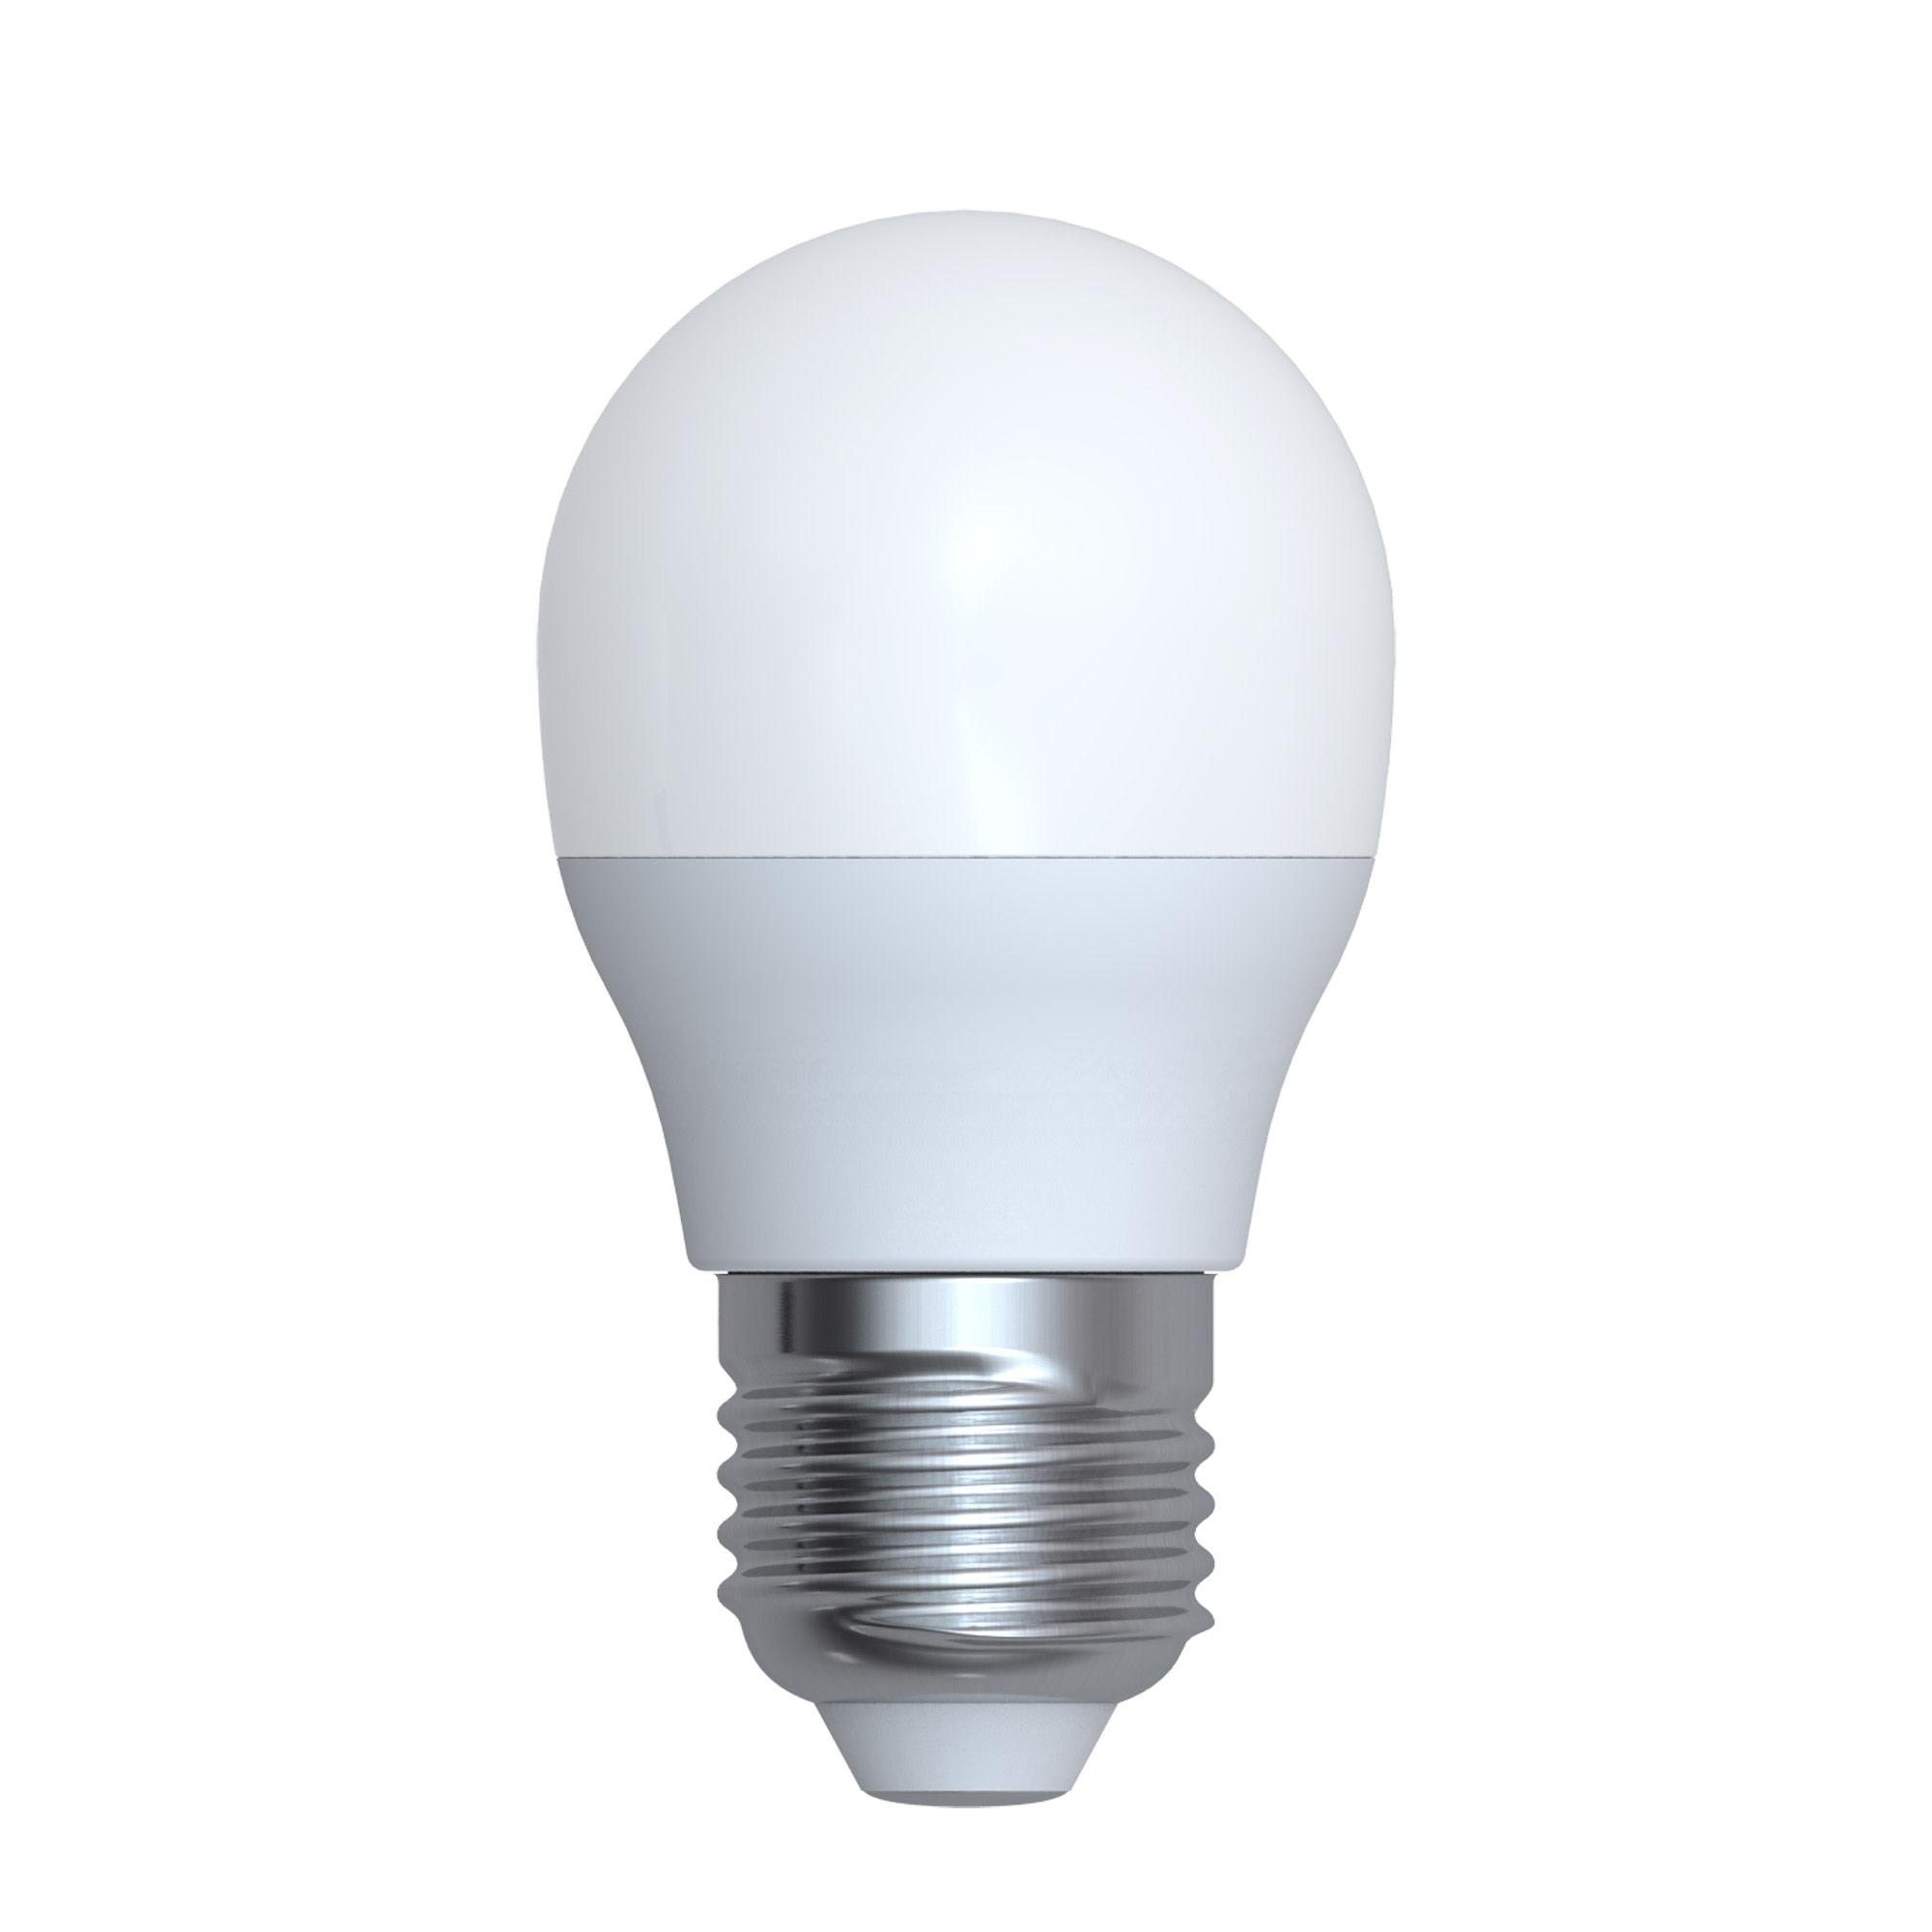 Лампа светодиодная Uniel G45 175-250 В 6 Вт шар матовый 480 лм холодный белый свет